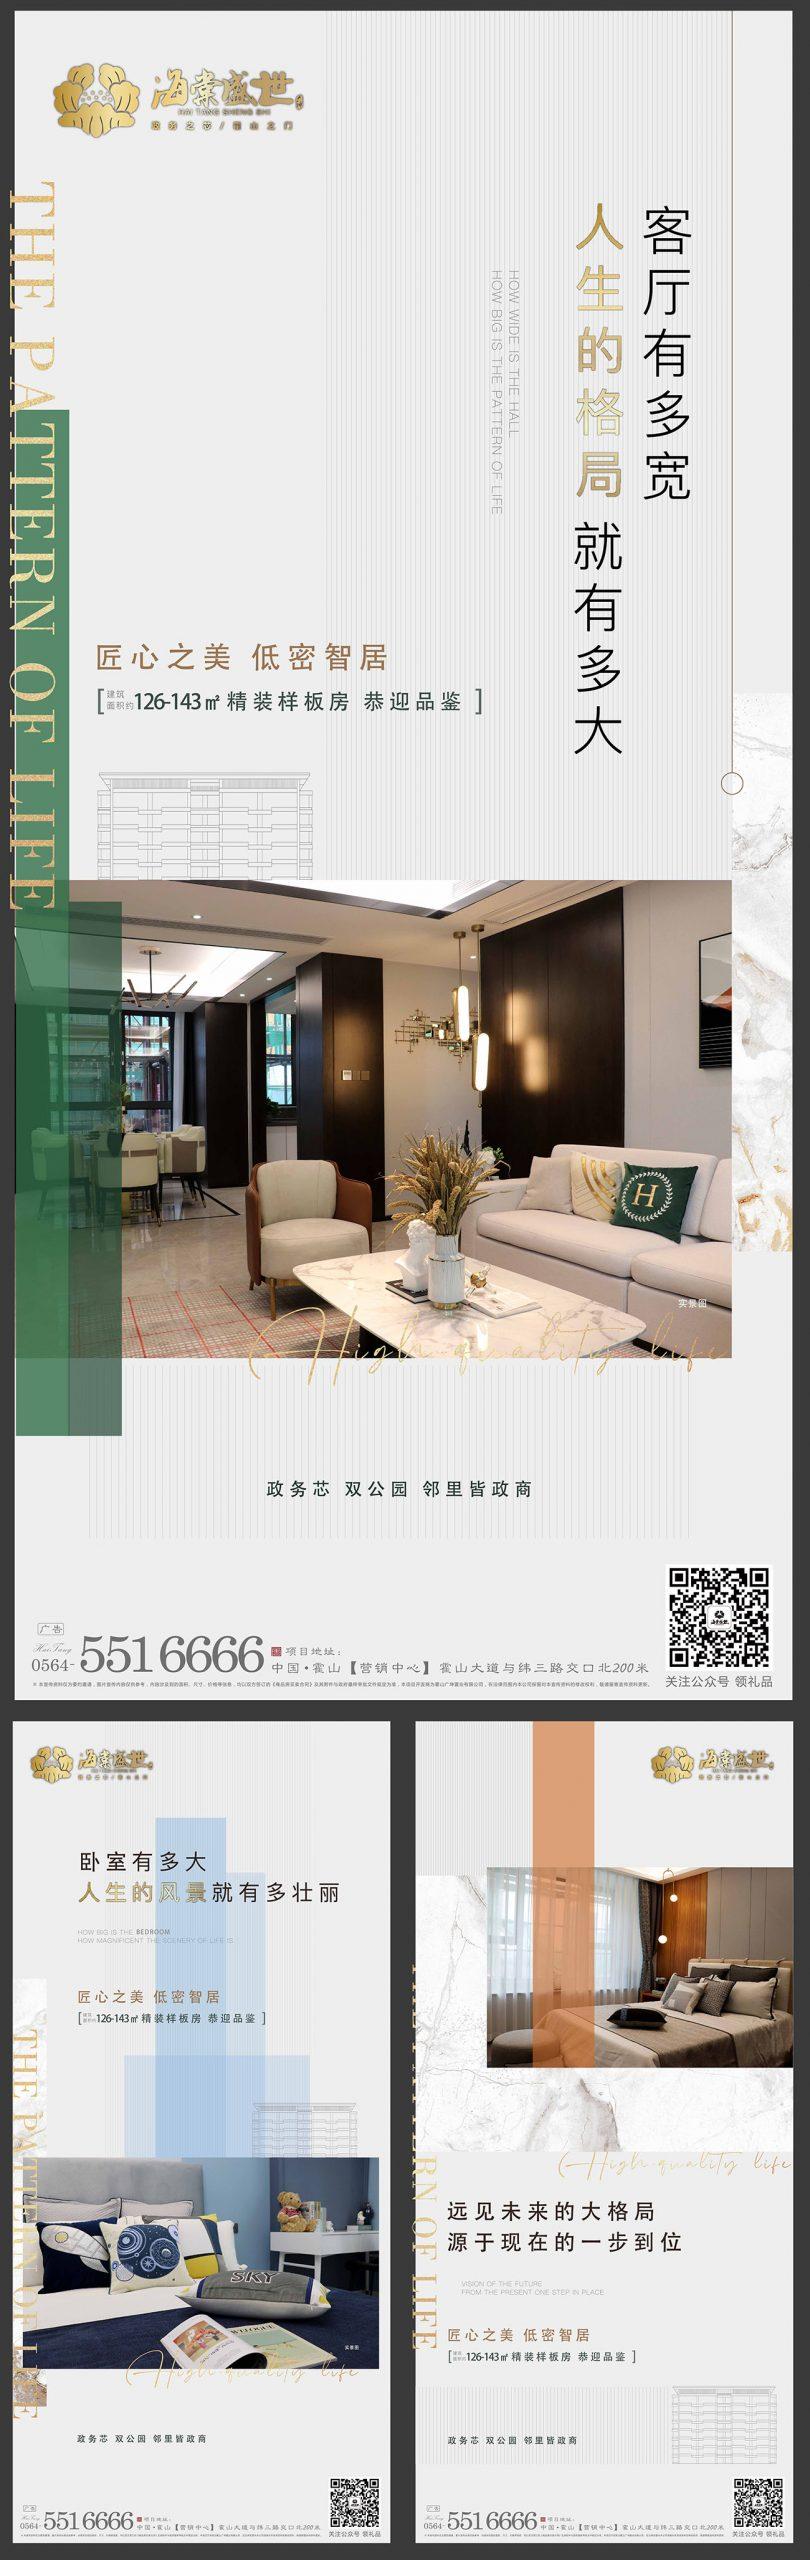 房地产样板房开放海报AI源文件插图